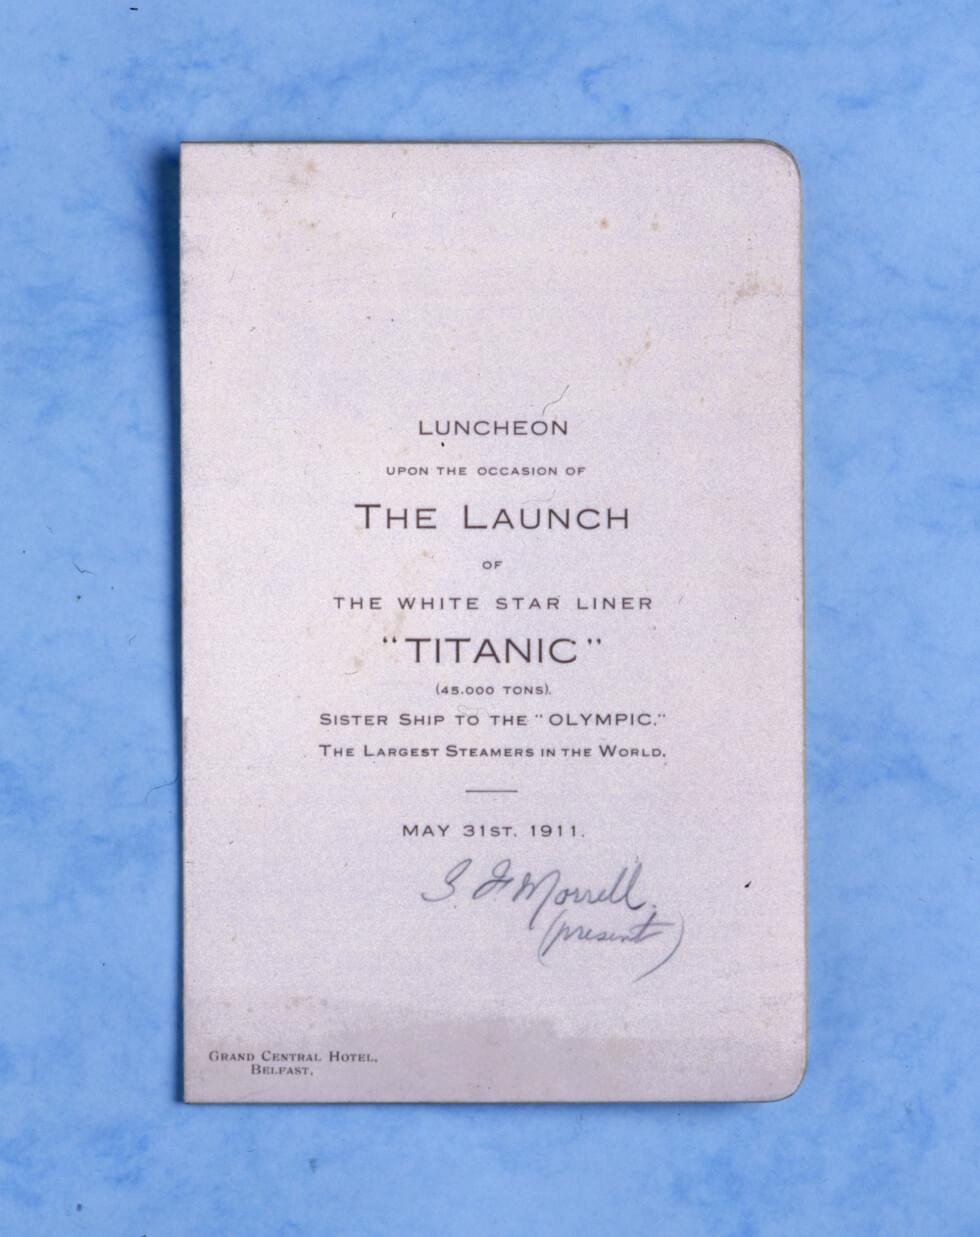 LUNCHEON: Den 31 May 1911 ble det holdt en storslått lunsj på the Grand Central Hotel i Belfast for å markere at Titanic nå straks var ferdigbygget. Foto: NTB Scanpix